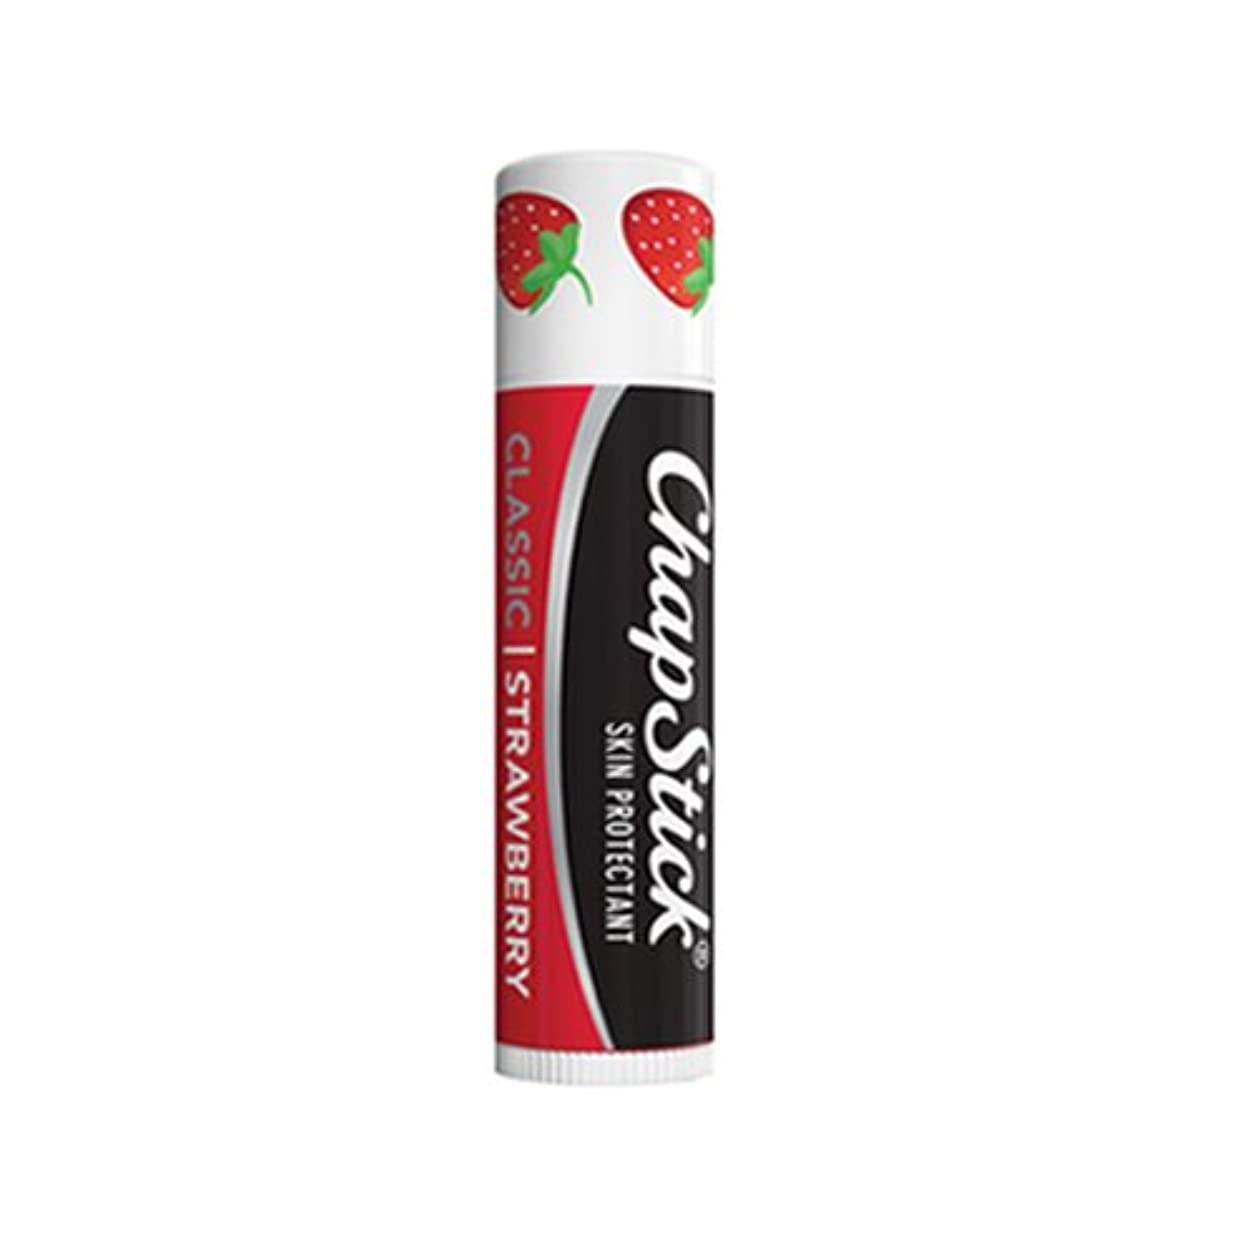 余剰レポートを書く売り手(3 Pack) Chapstick Classic - Strawberry (並行輸入品)